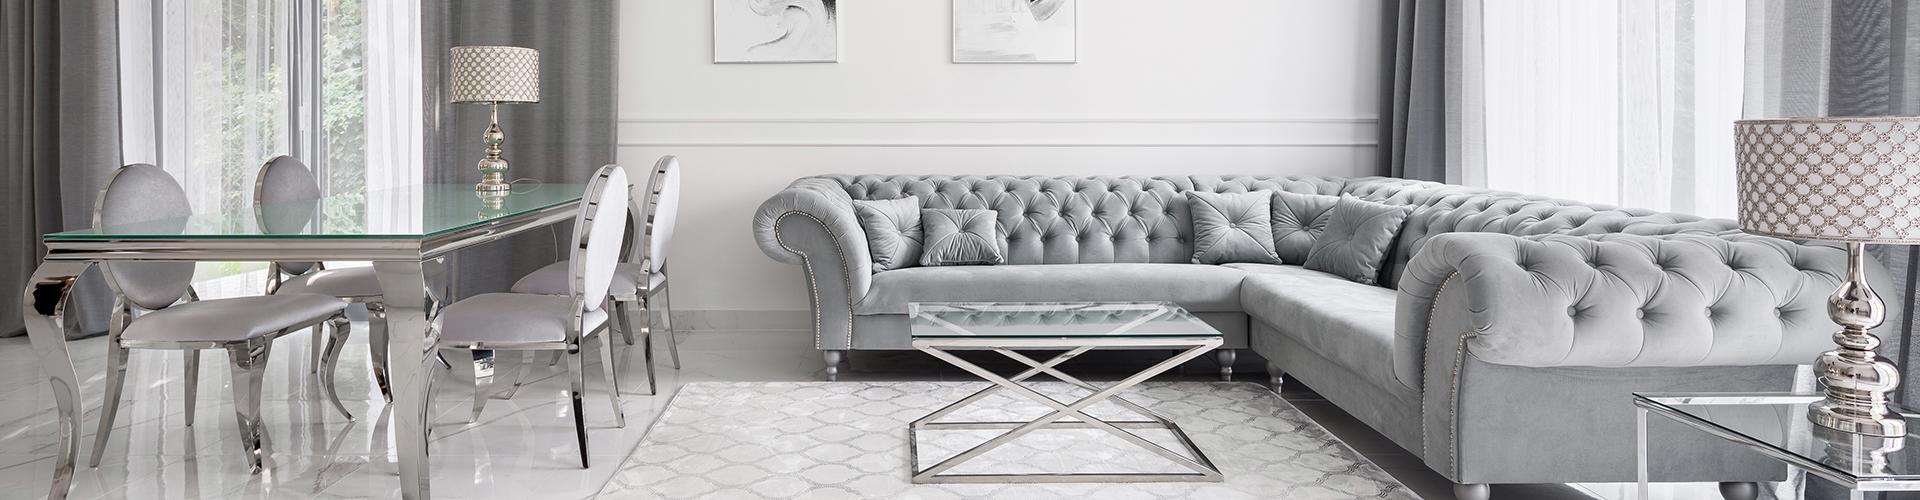 elegant-interieur-woonkamer